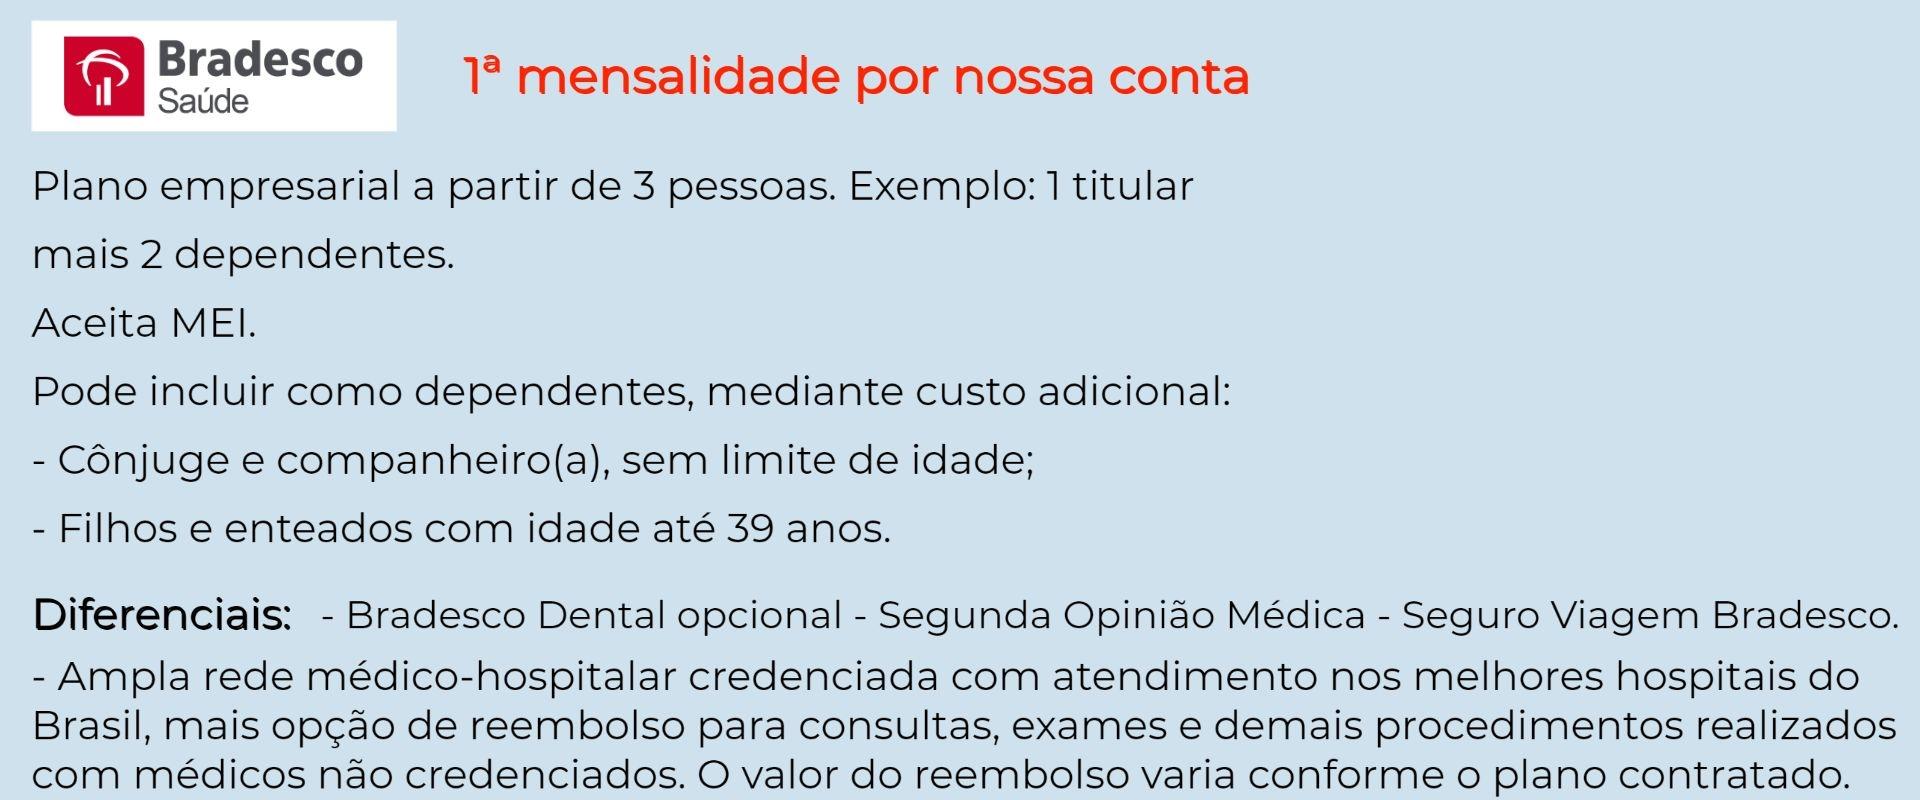 Bradesco Saúde Empresarial - Pitangueiras